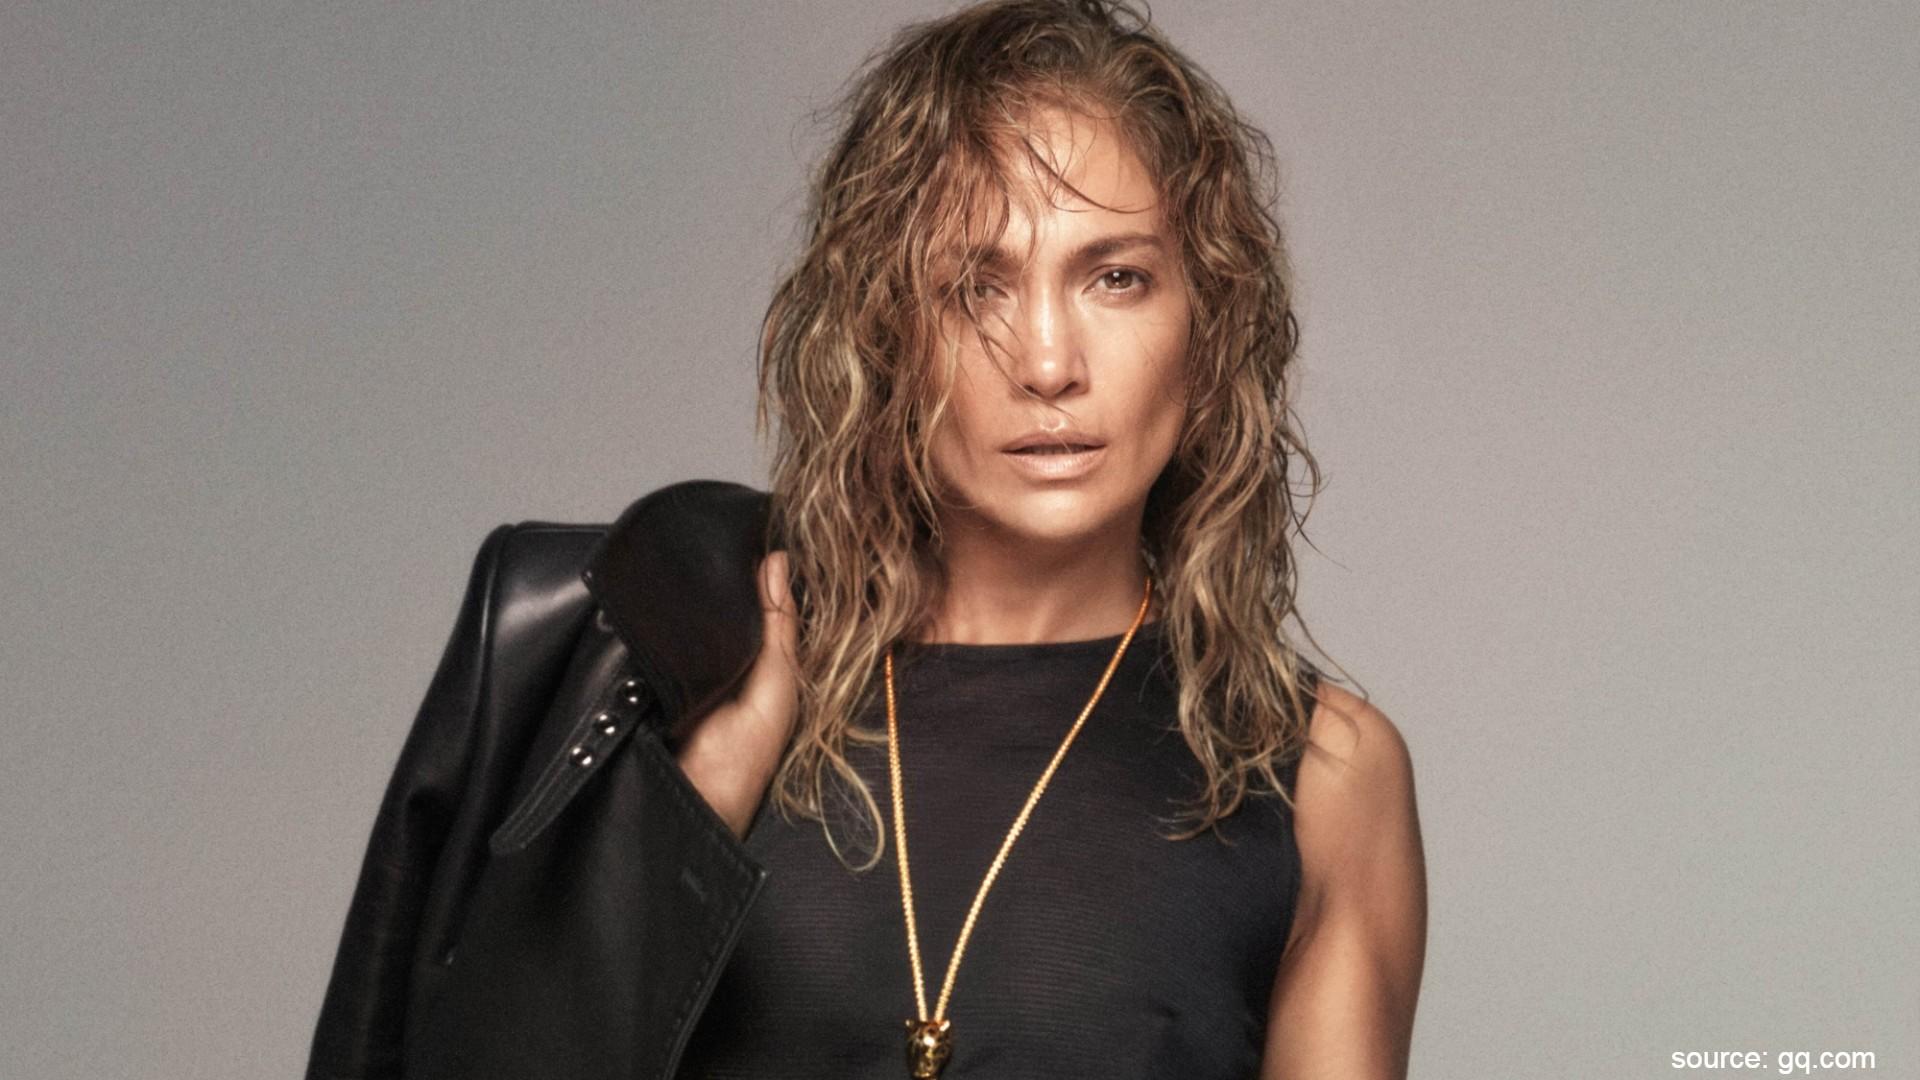 Jennifer Lopez - Kebiasaan Unik Musisi Dunia, Pura-Pura Jadi Kucing Hingga Sikat Gigi Sebelum Naik Panggung.jpg